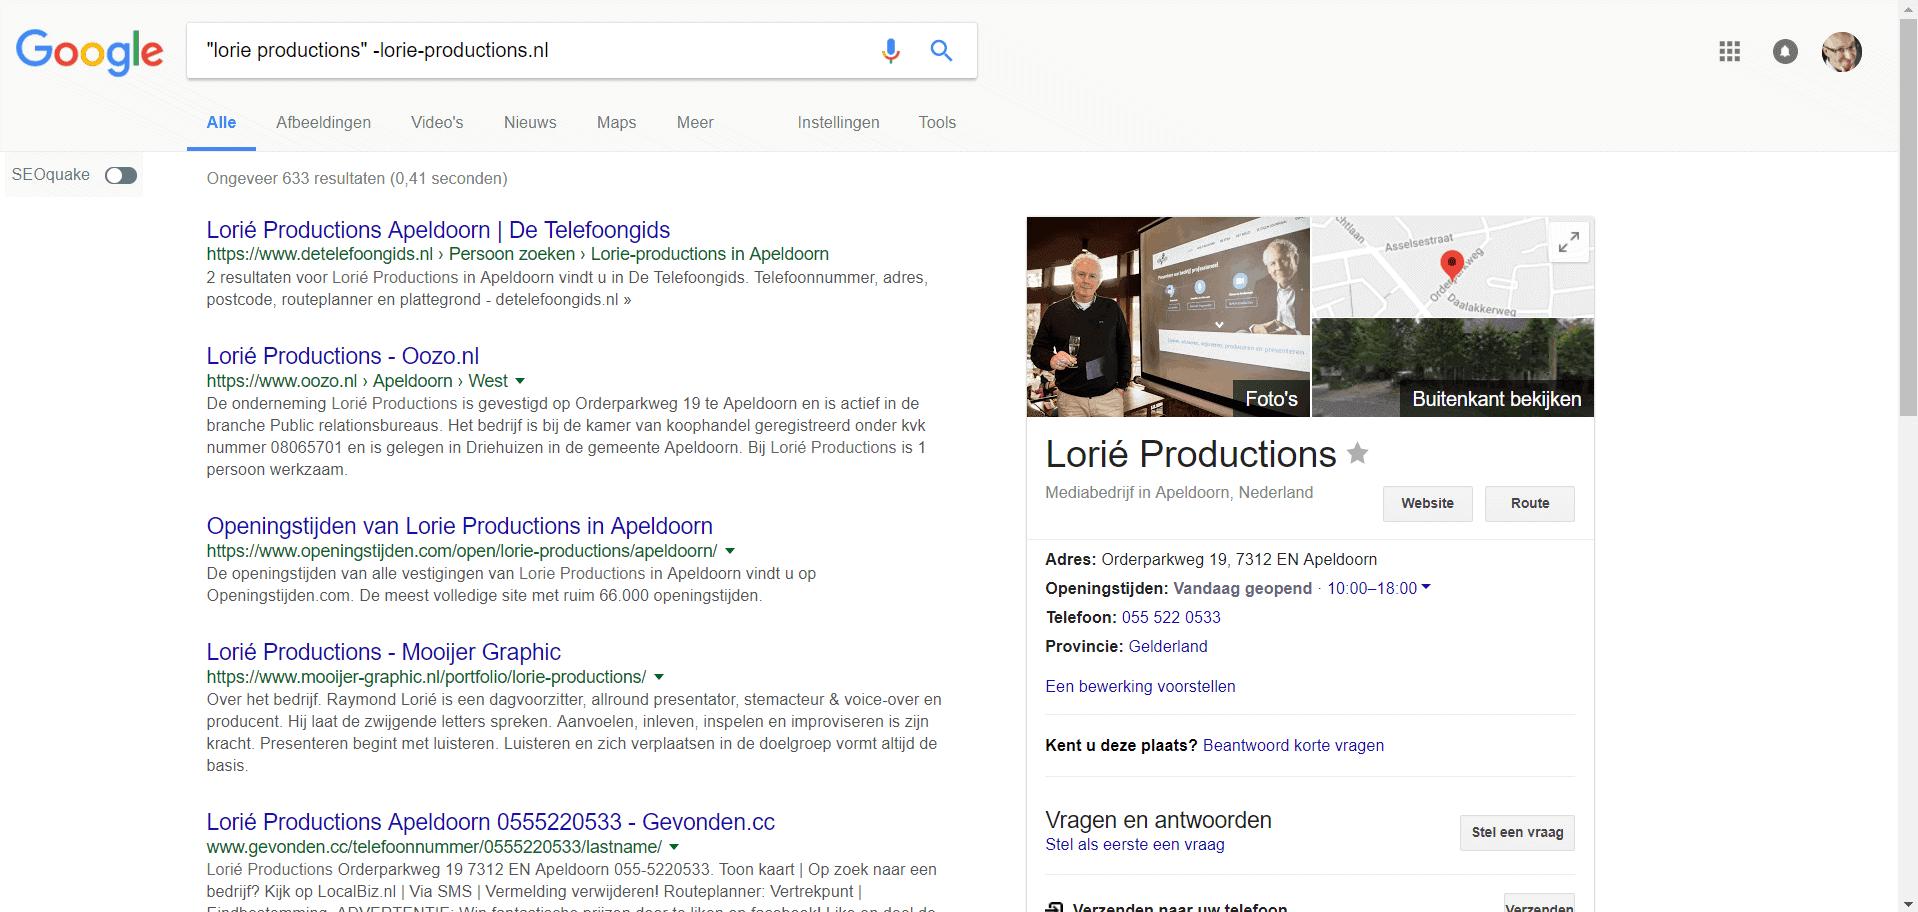 Zoek zelf je bestaande webmentions op in Google zoals in dit voorbeeld